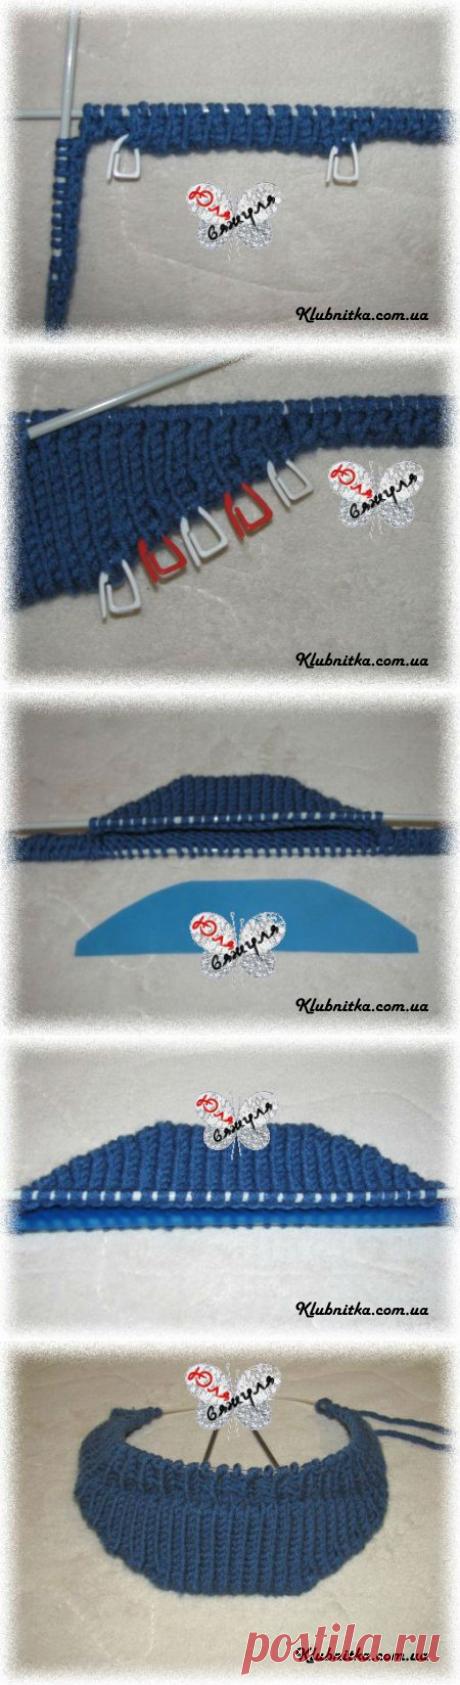 МК вязание козырька для кепки/шапки/берета спицами » Клуб-Нитка - вязание спицами и не только